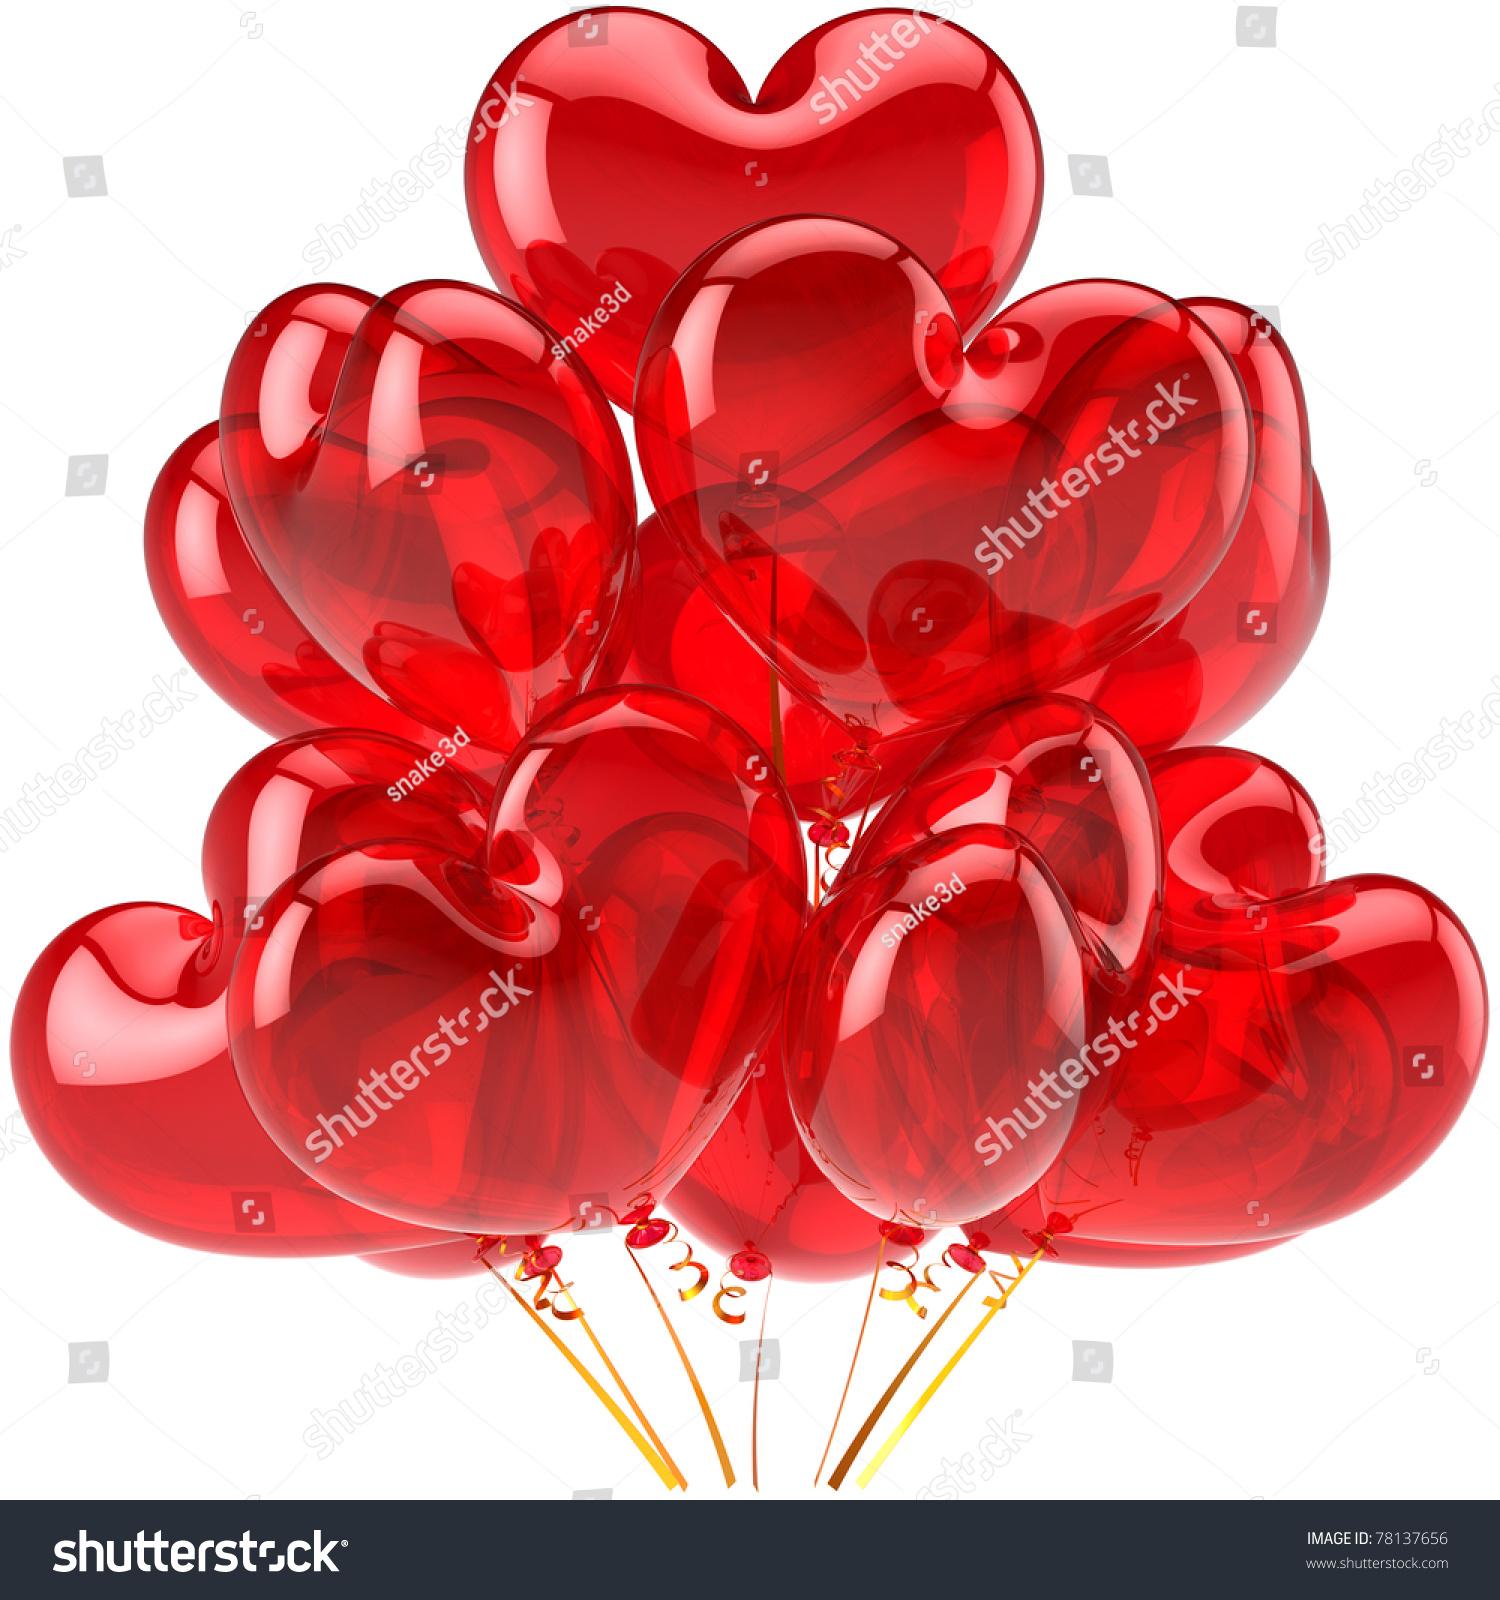 派对气球气球生日快乐的心爱装饰红色半透明的.情人节